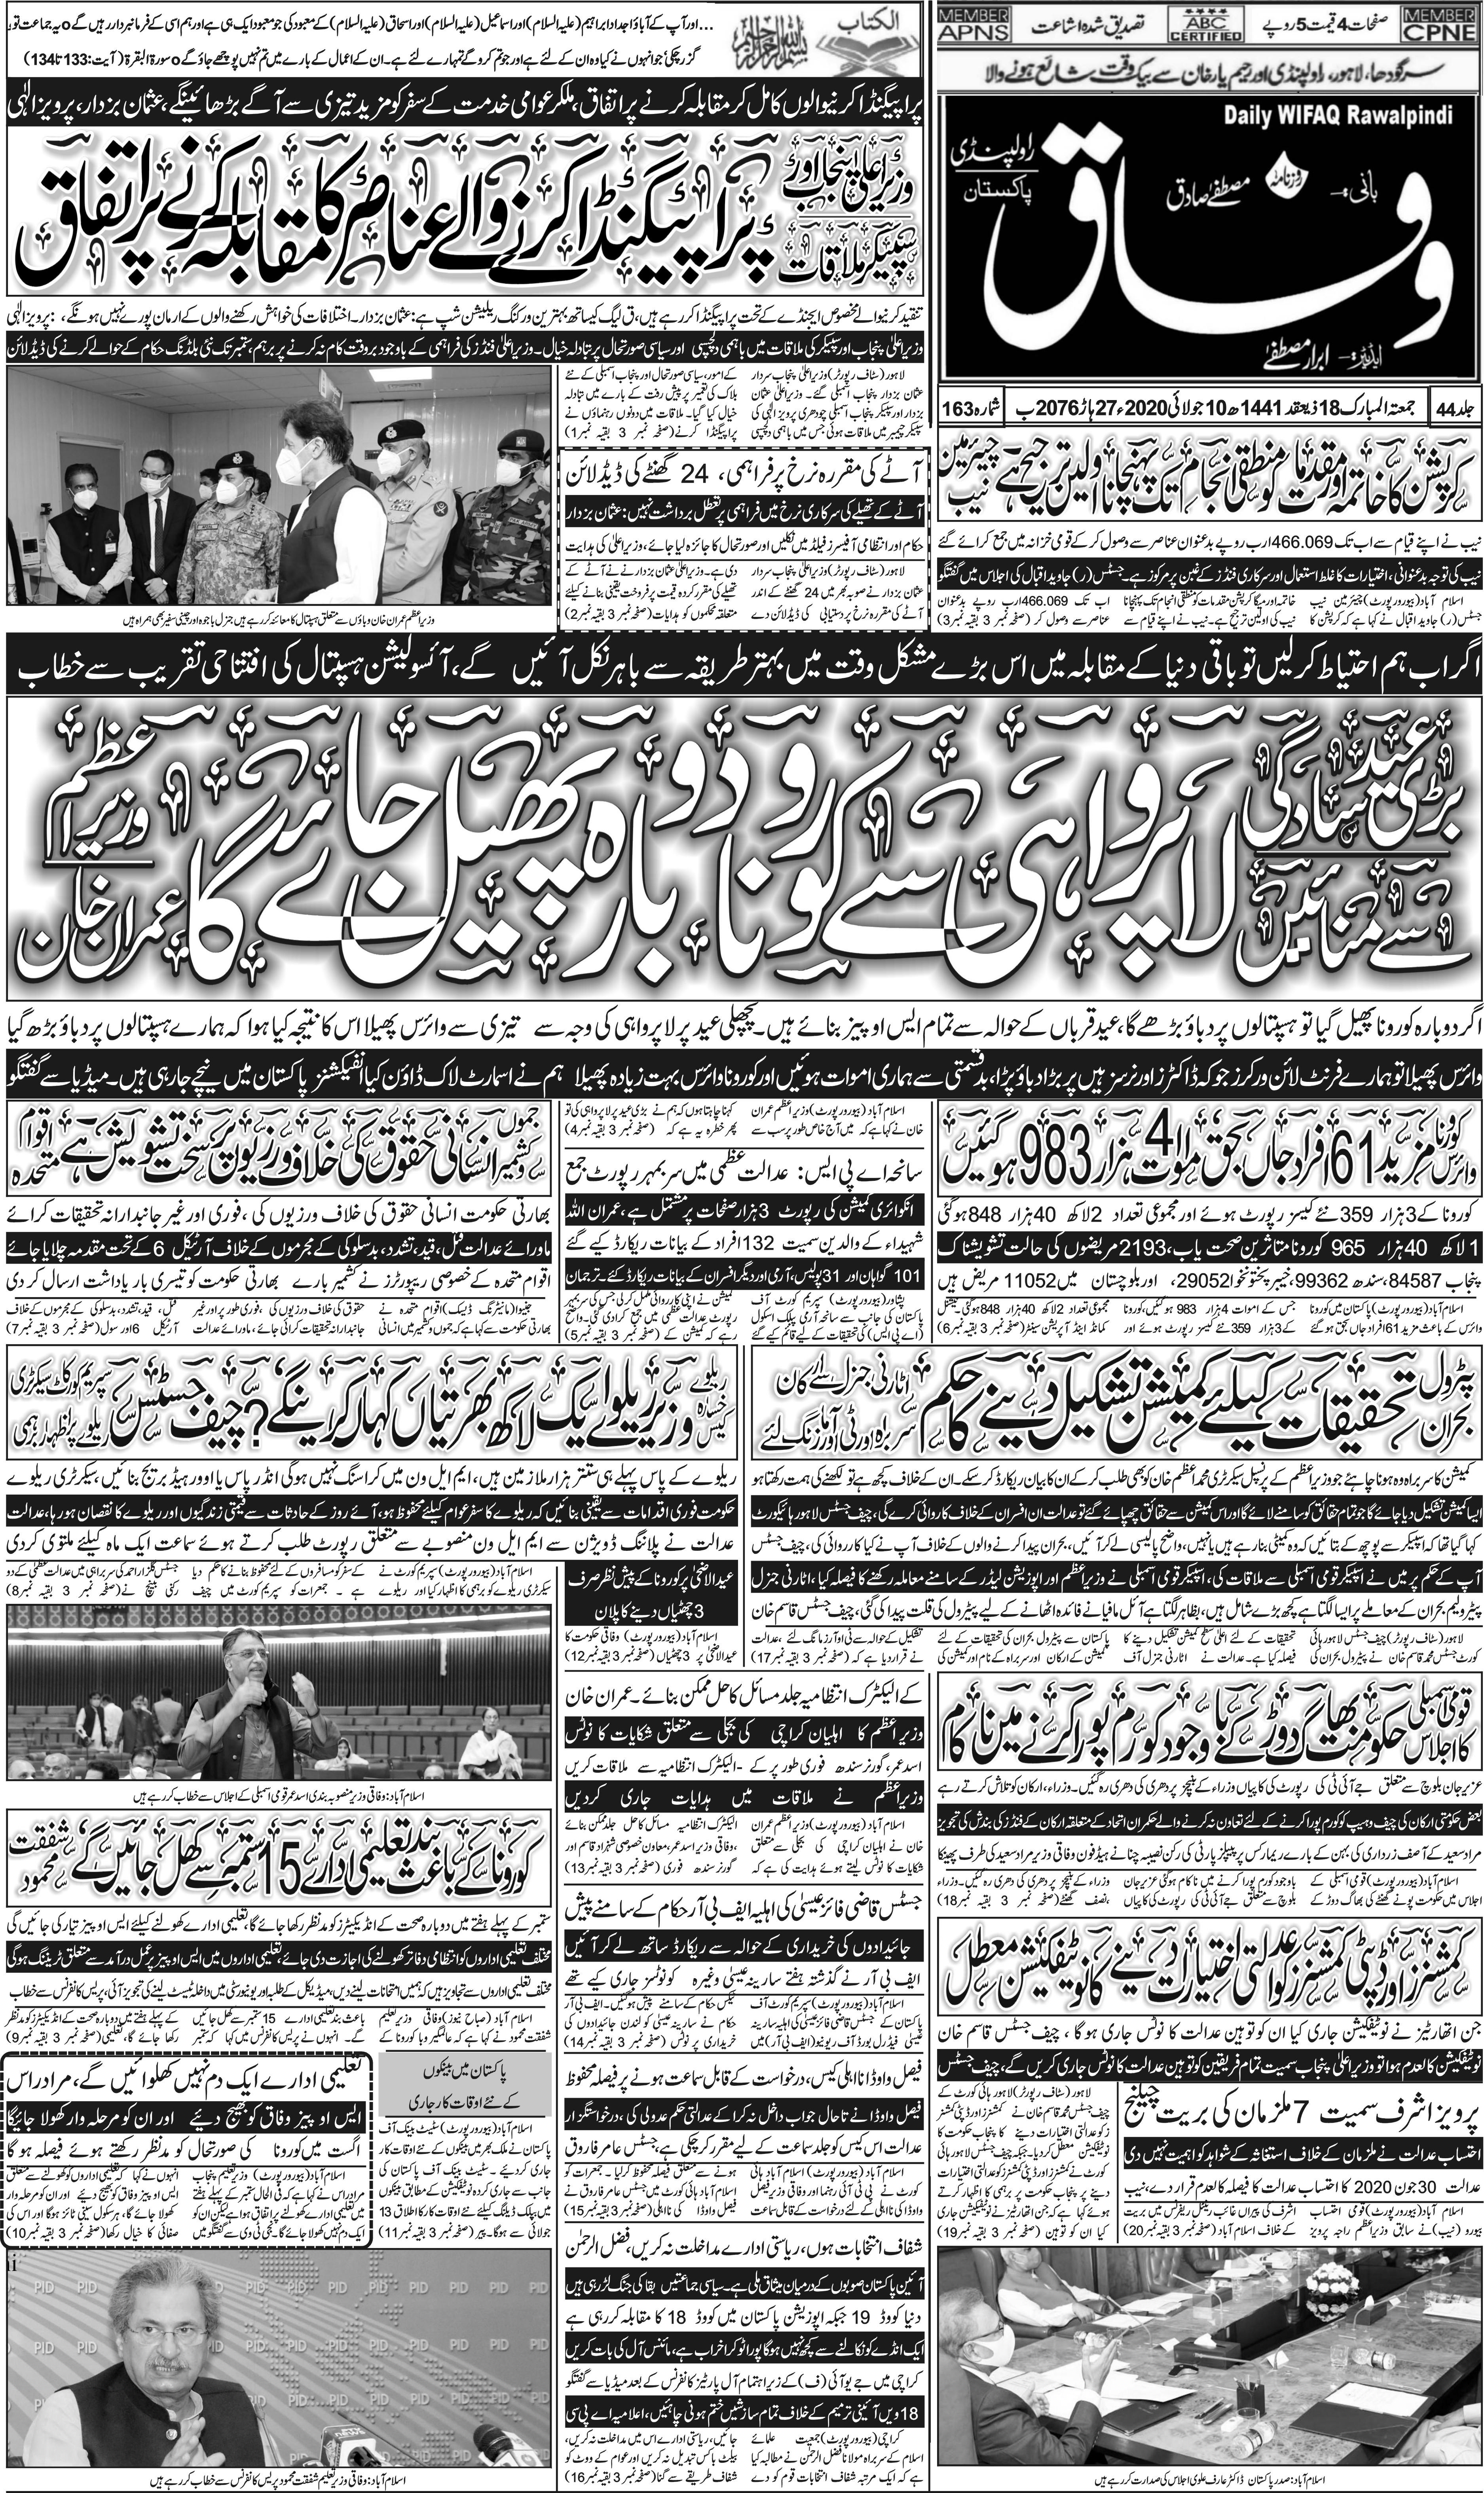 e-Paper – Daily Wifaq – Rawalpindi – 10-07-2020